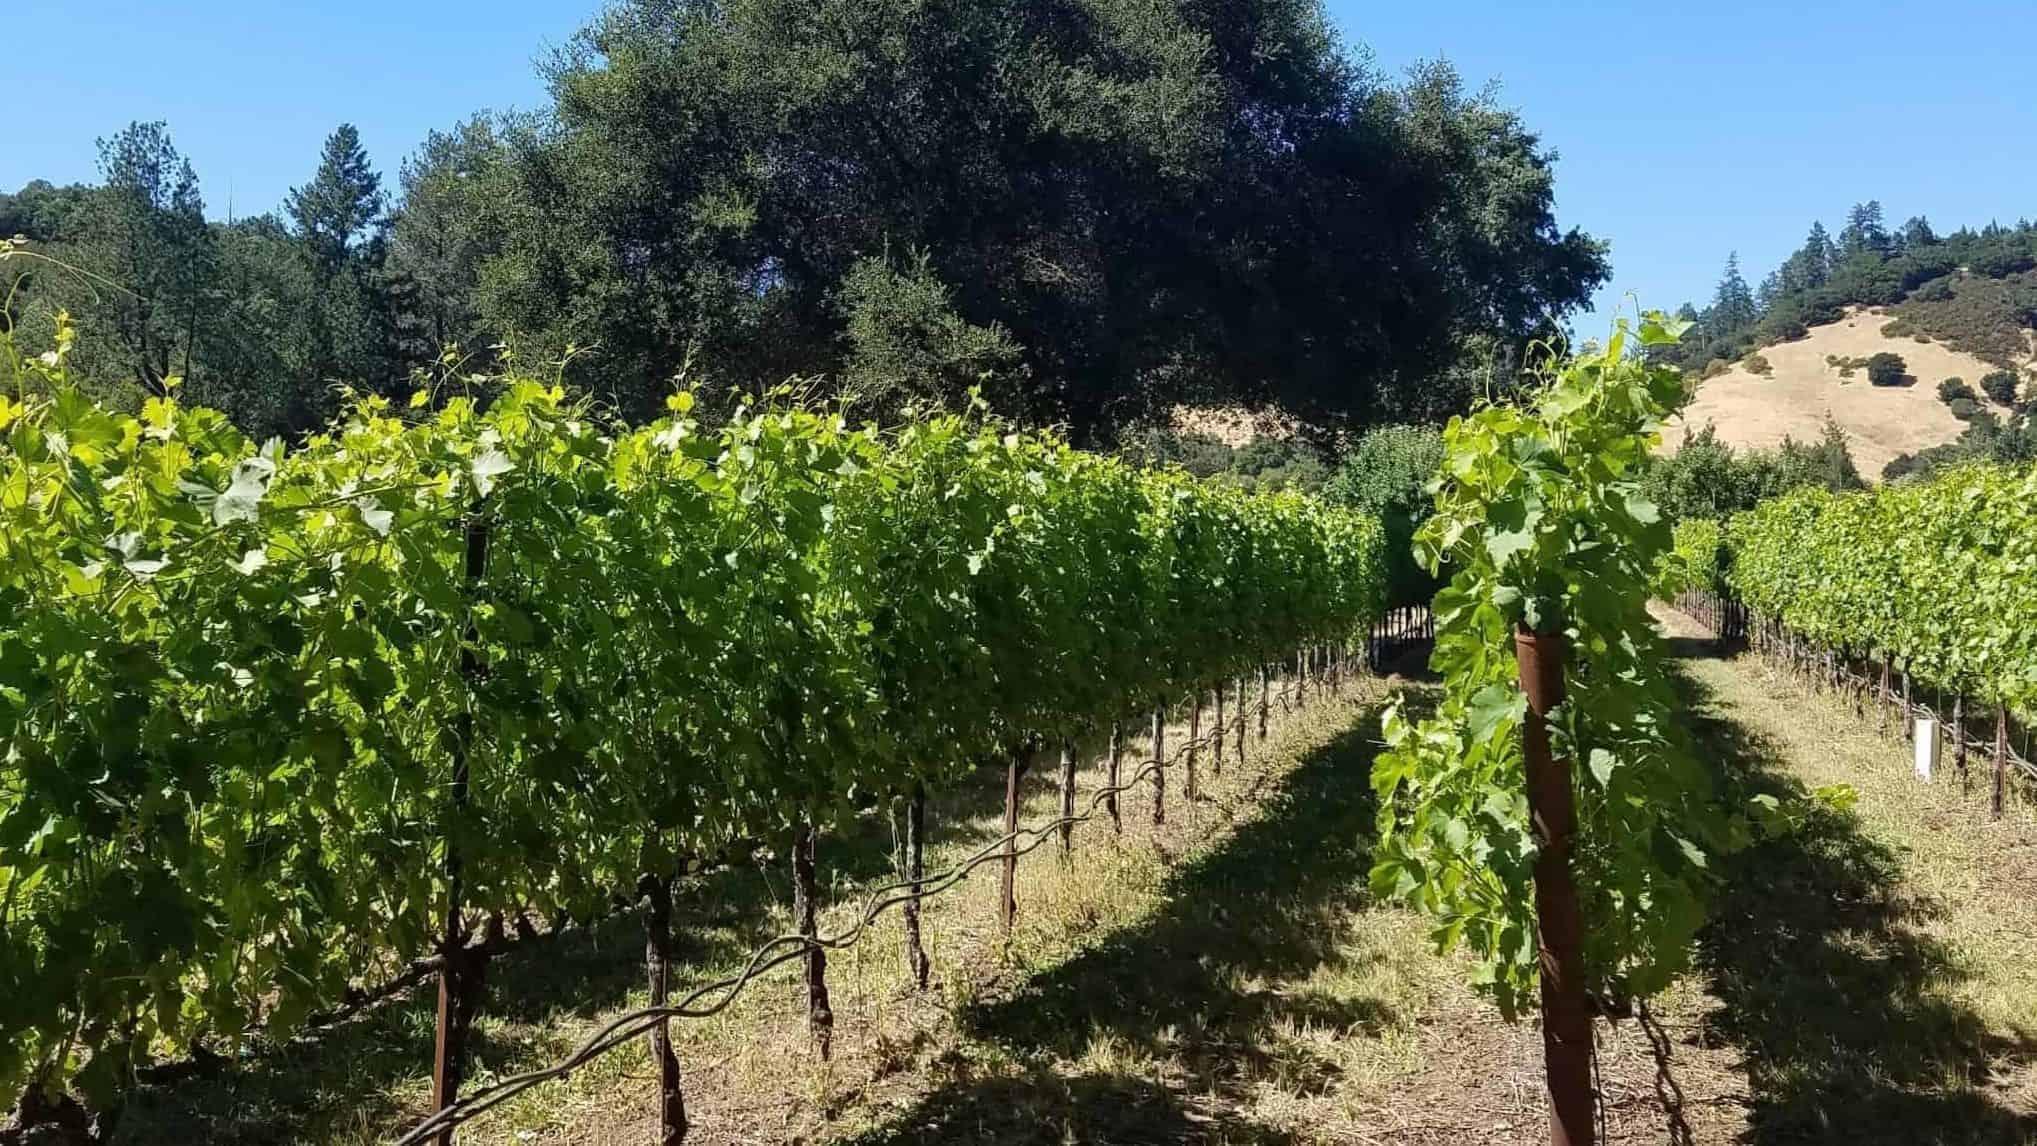 Lawer Estates Winery